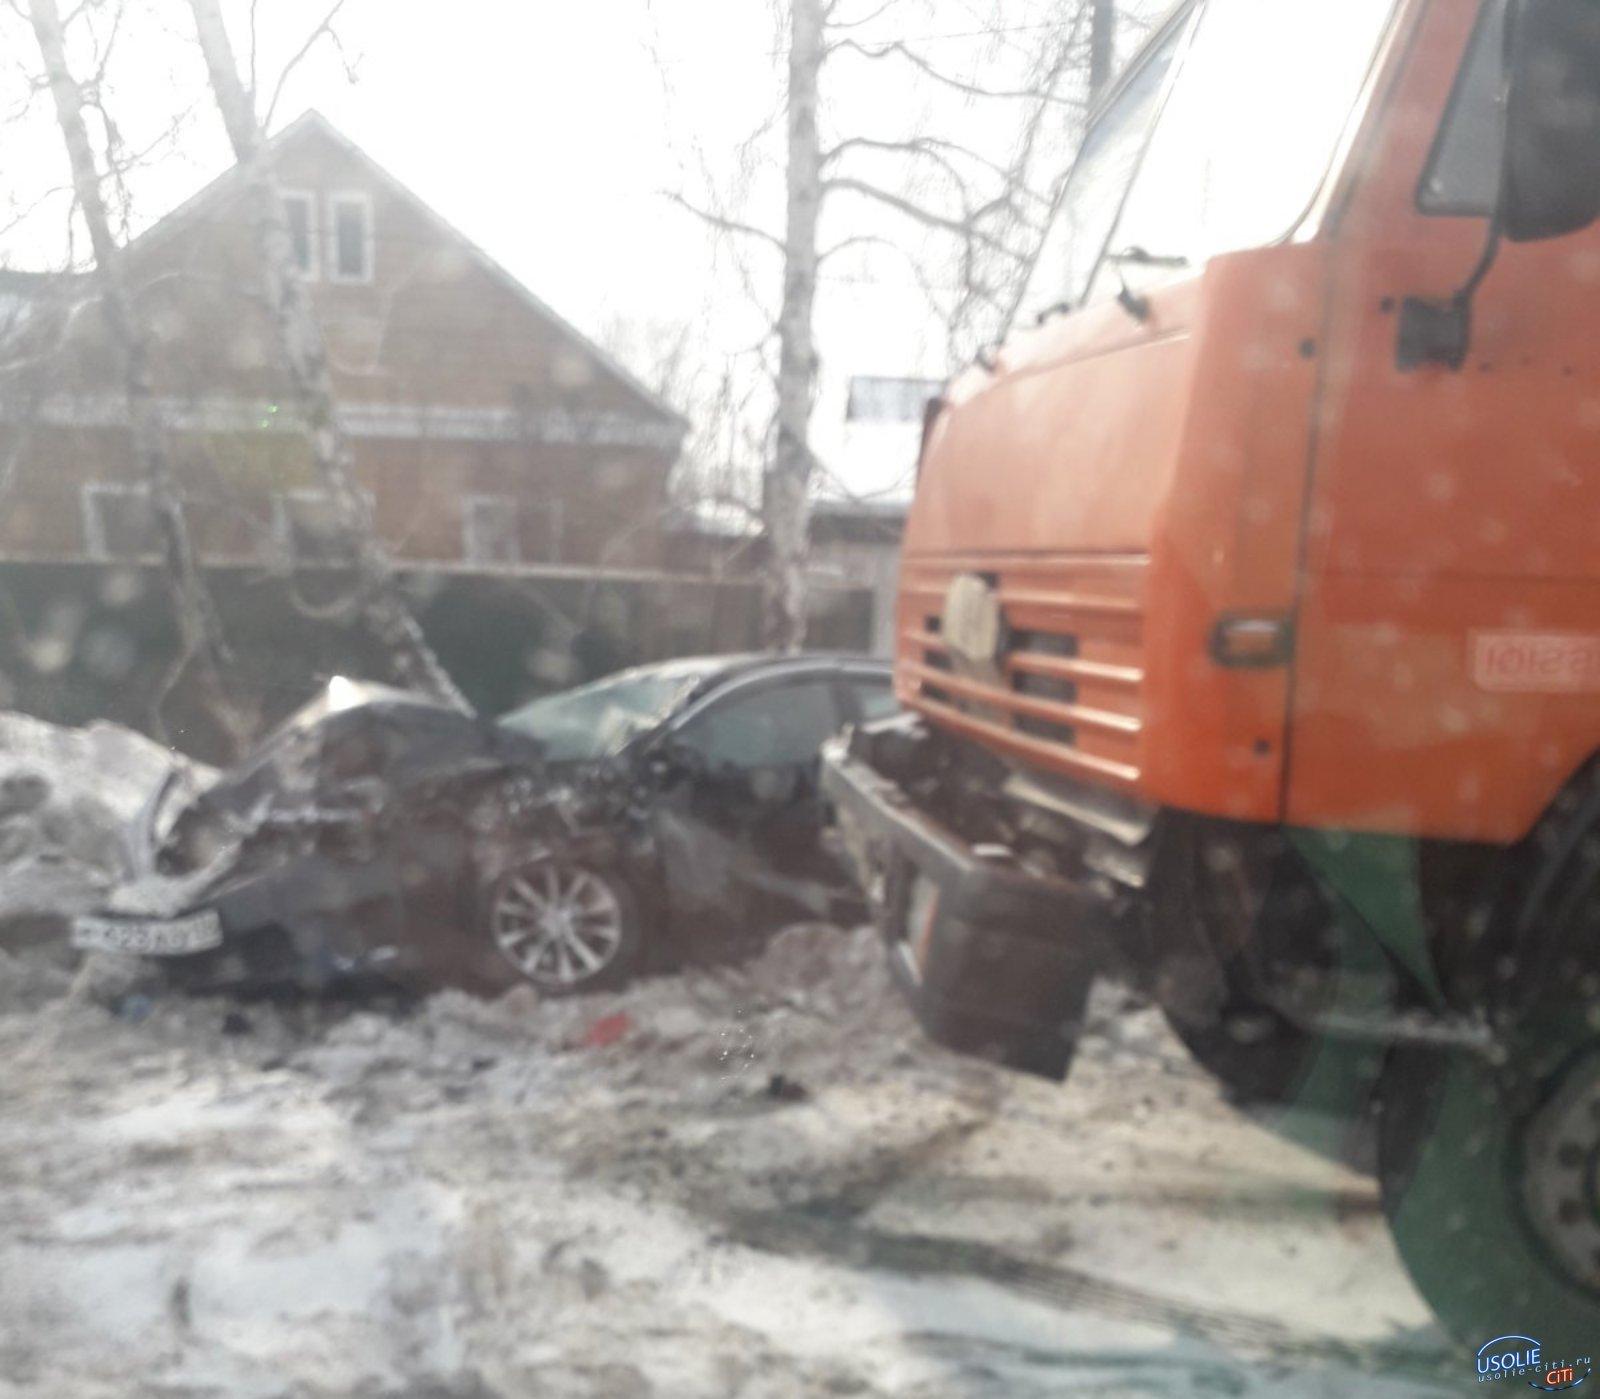 В Усолье столкнулись иномарка и грузовик - двое пострадавших